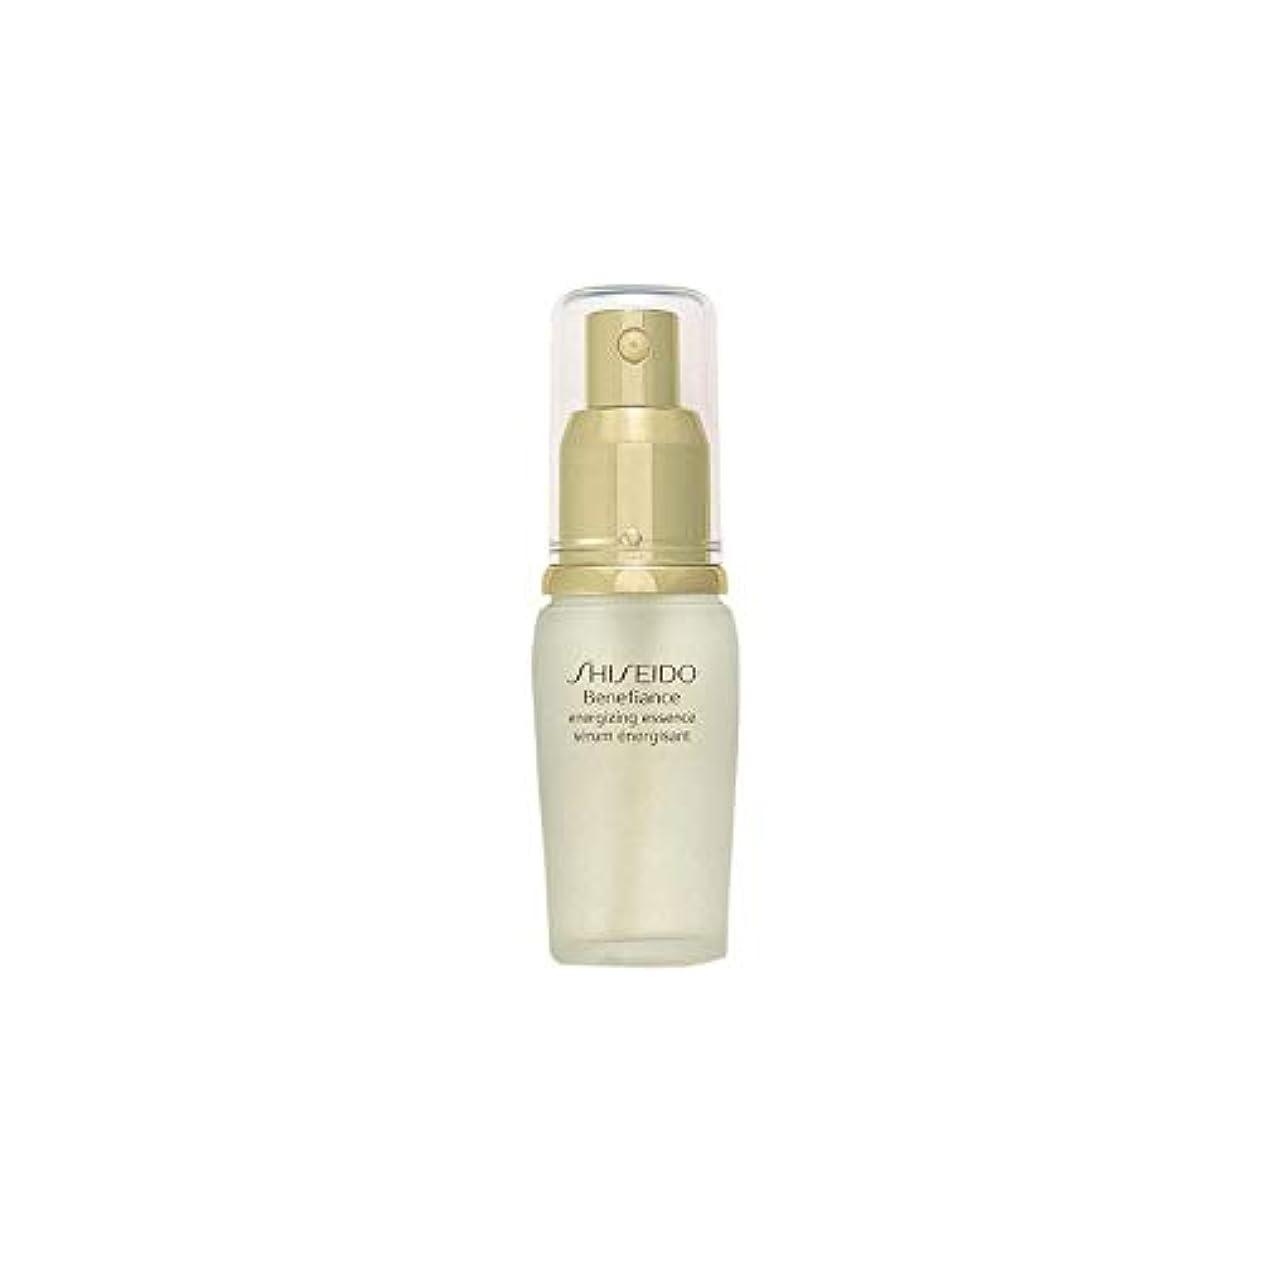 事業手段アプライアンス[Shiseido] 資生堂ベネフィアンス通電エッセンス(30ミリリットル) - Shiseido Benefiance Energising Essence (30ml) [並行輸入品]